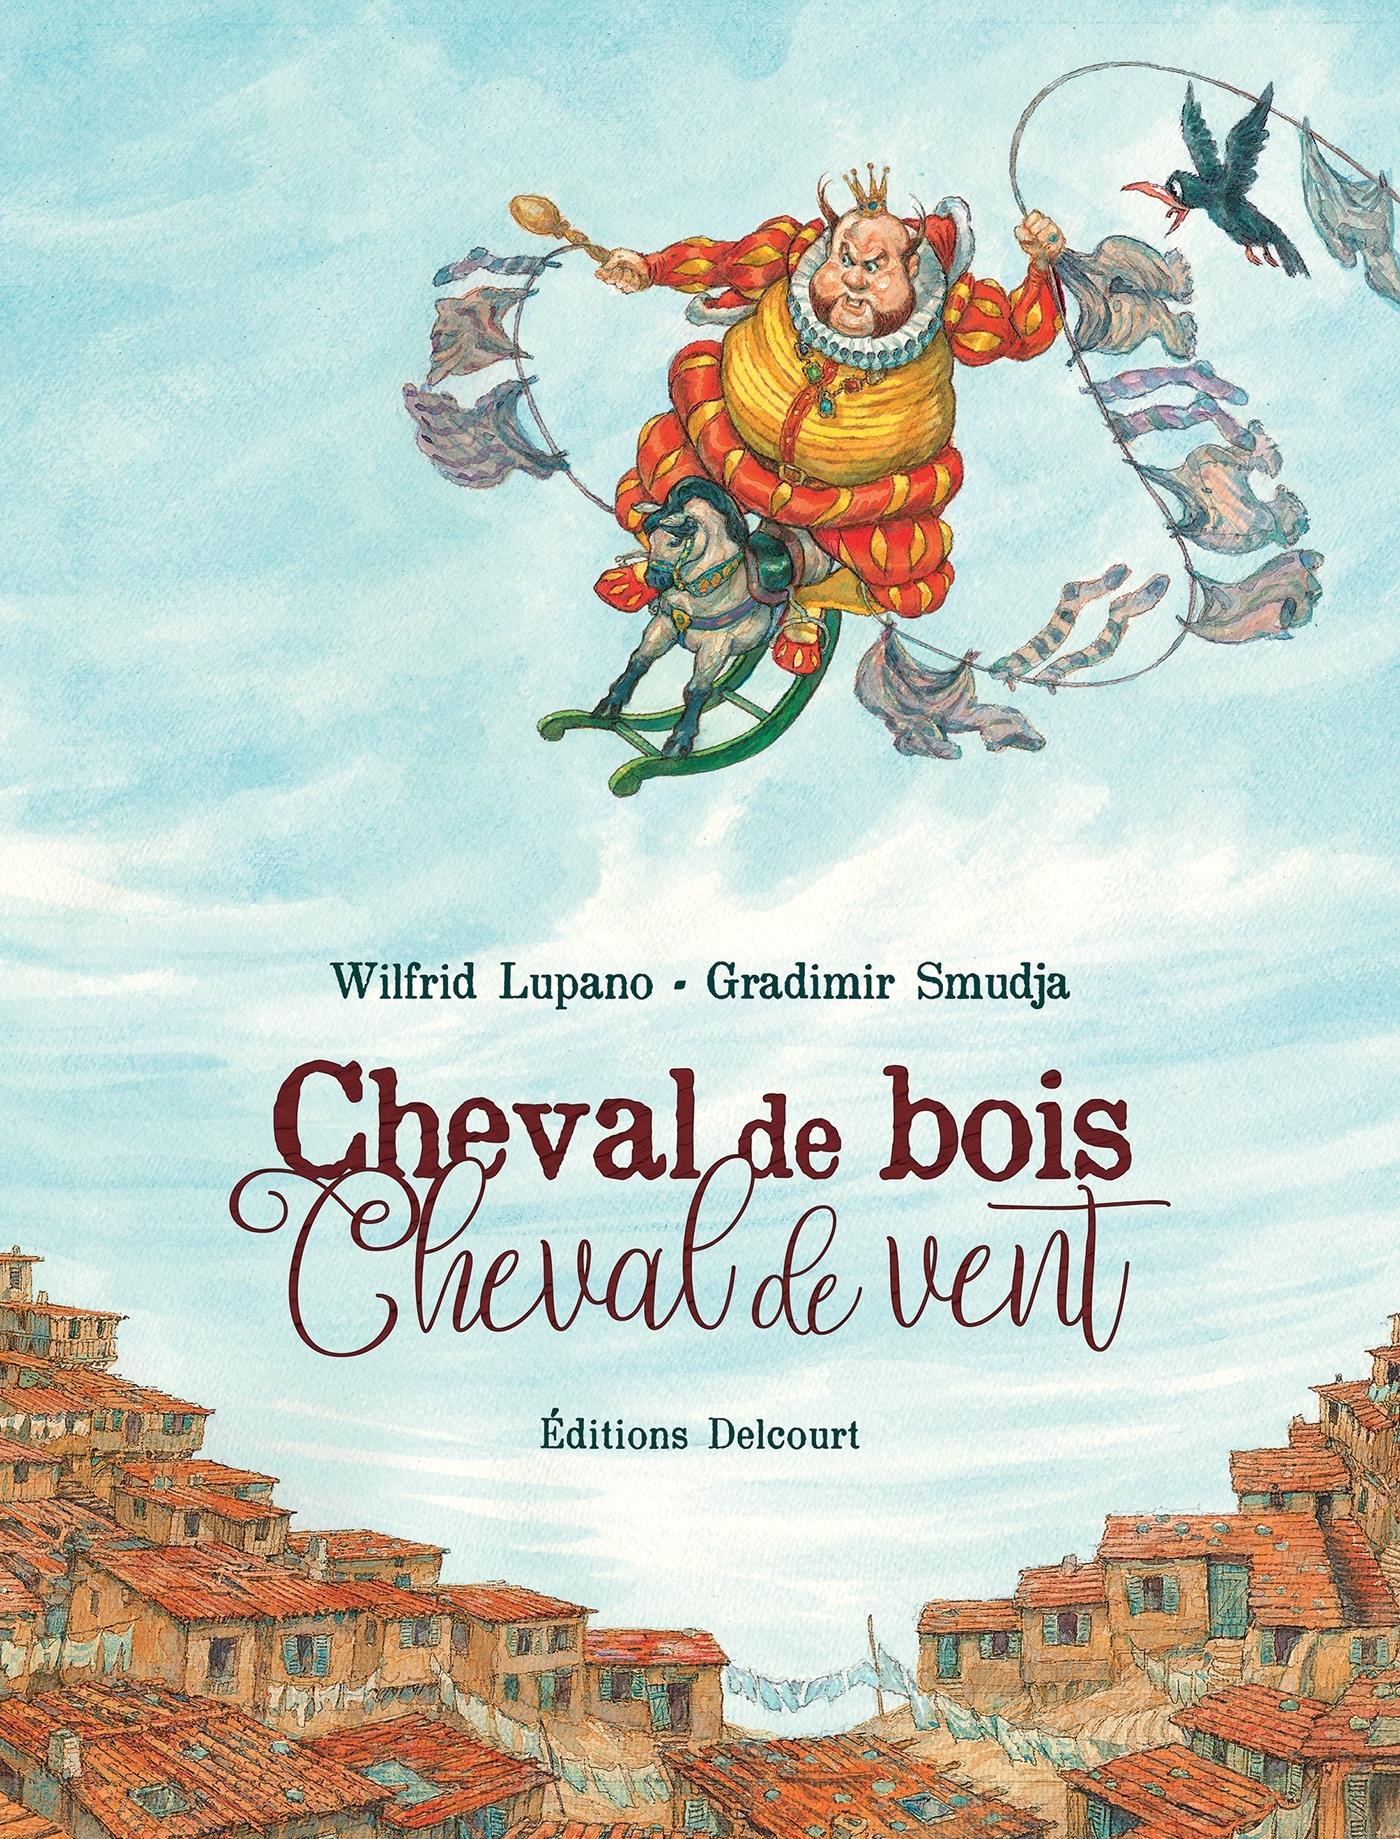 CHEVAL DE BOIS, CHEVAL DE VENT